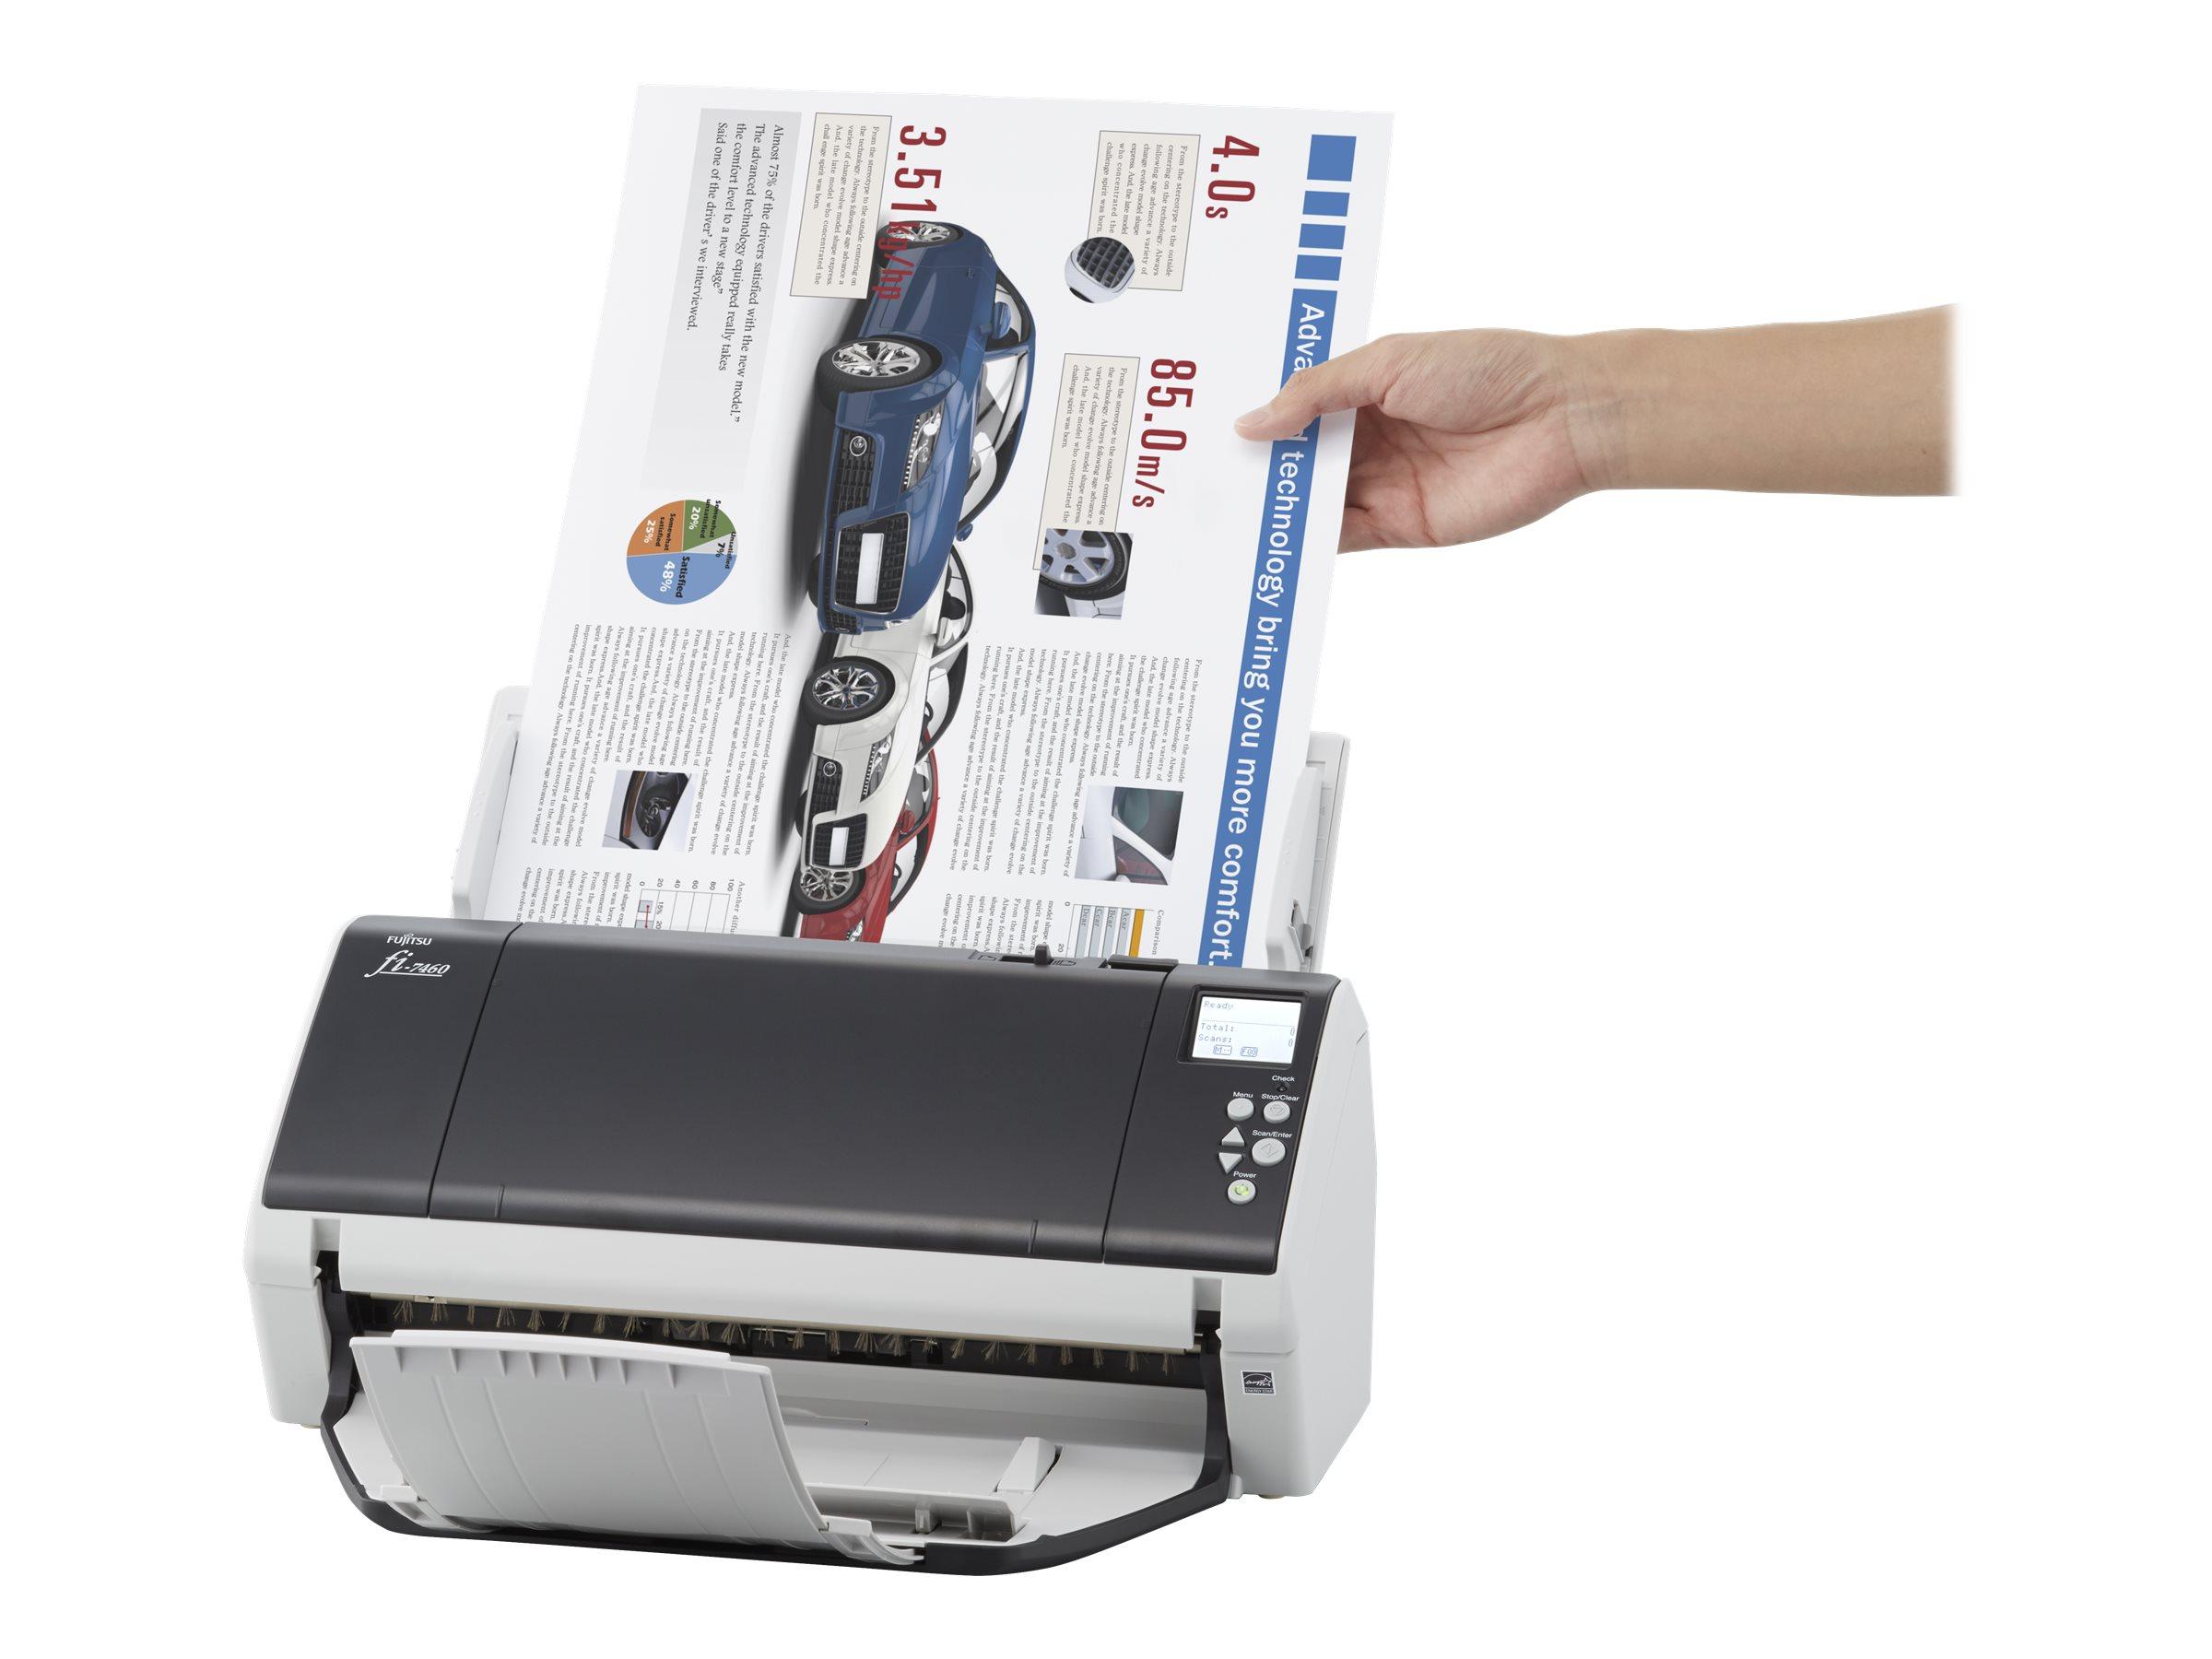 Fujitsu fi-7480 - Dokumentenscanner - Duplex - 304.8 x 431.8 mm - 600 dpi x 600 dpi - bis zu 80 Seiten/Min. (einfarbig) / bis zu